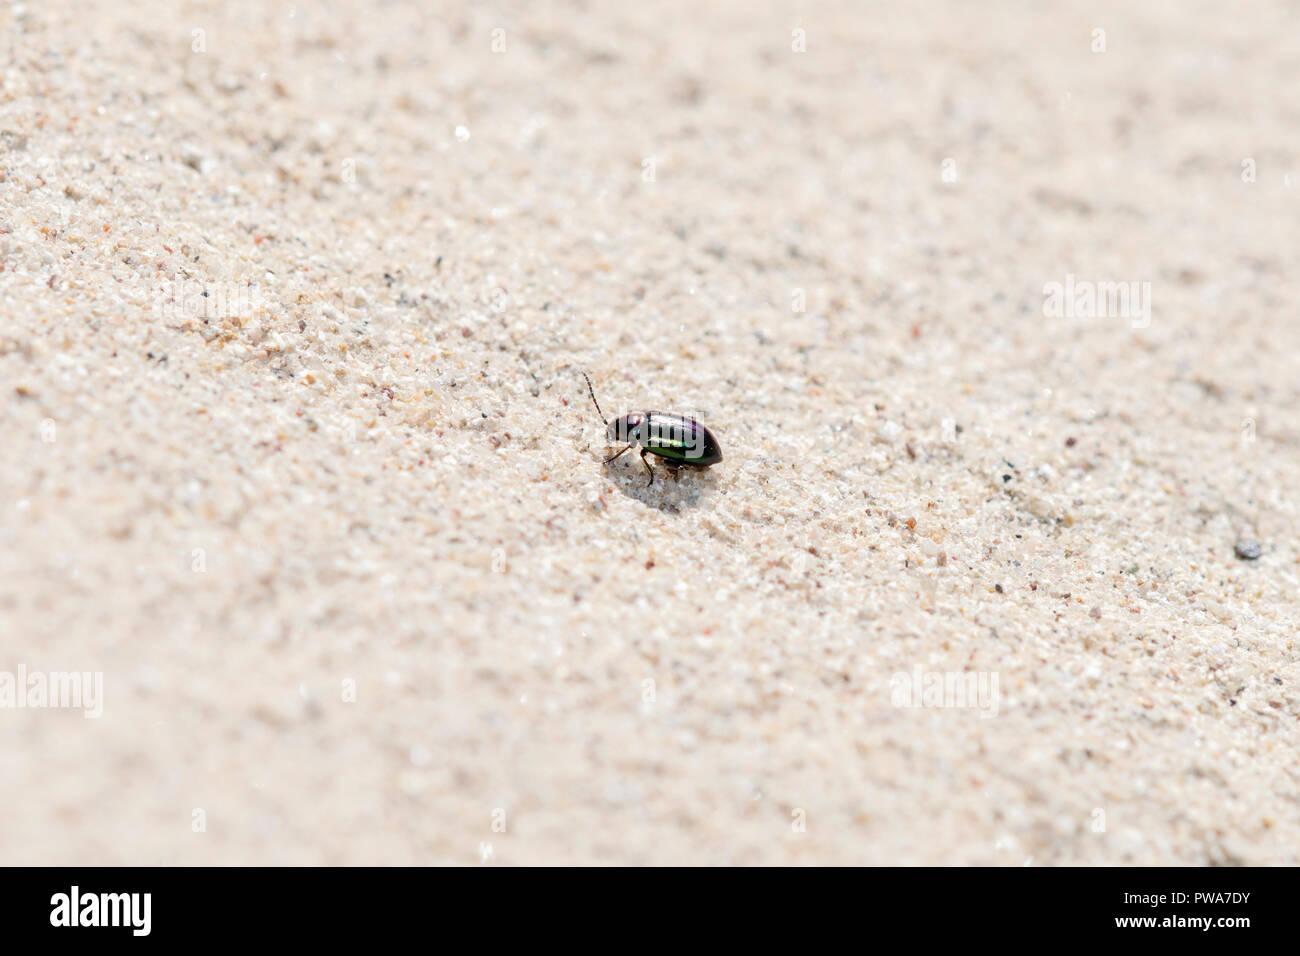 Metallic Violett und Grün Flea Beetle (Altica sp.) Kriechen auf Sandstein in den östlichen Ebenen von Kolorado Stockfoto